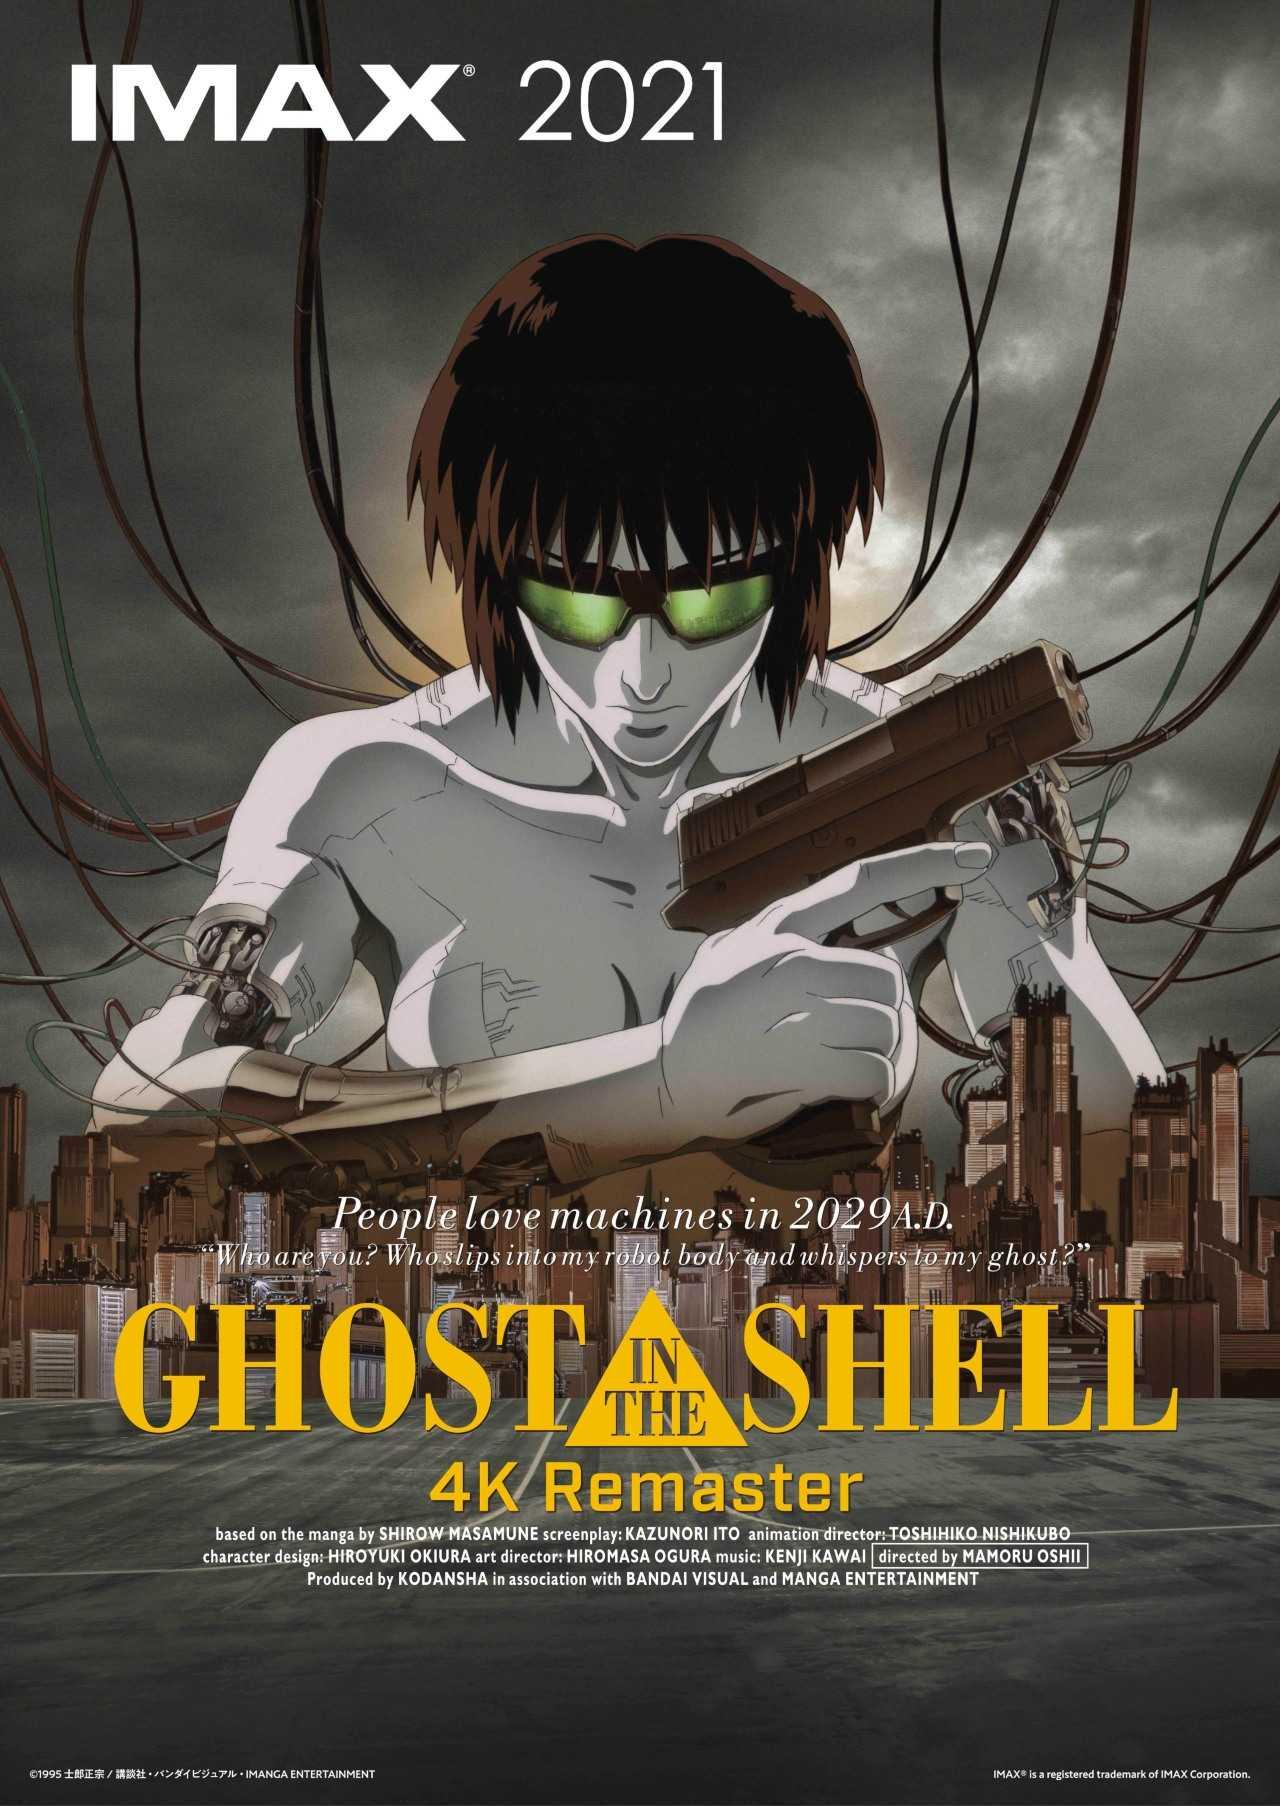 Ghost in the shell imax película regreso